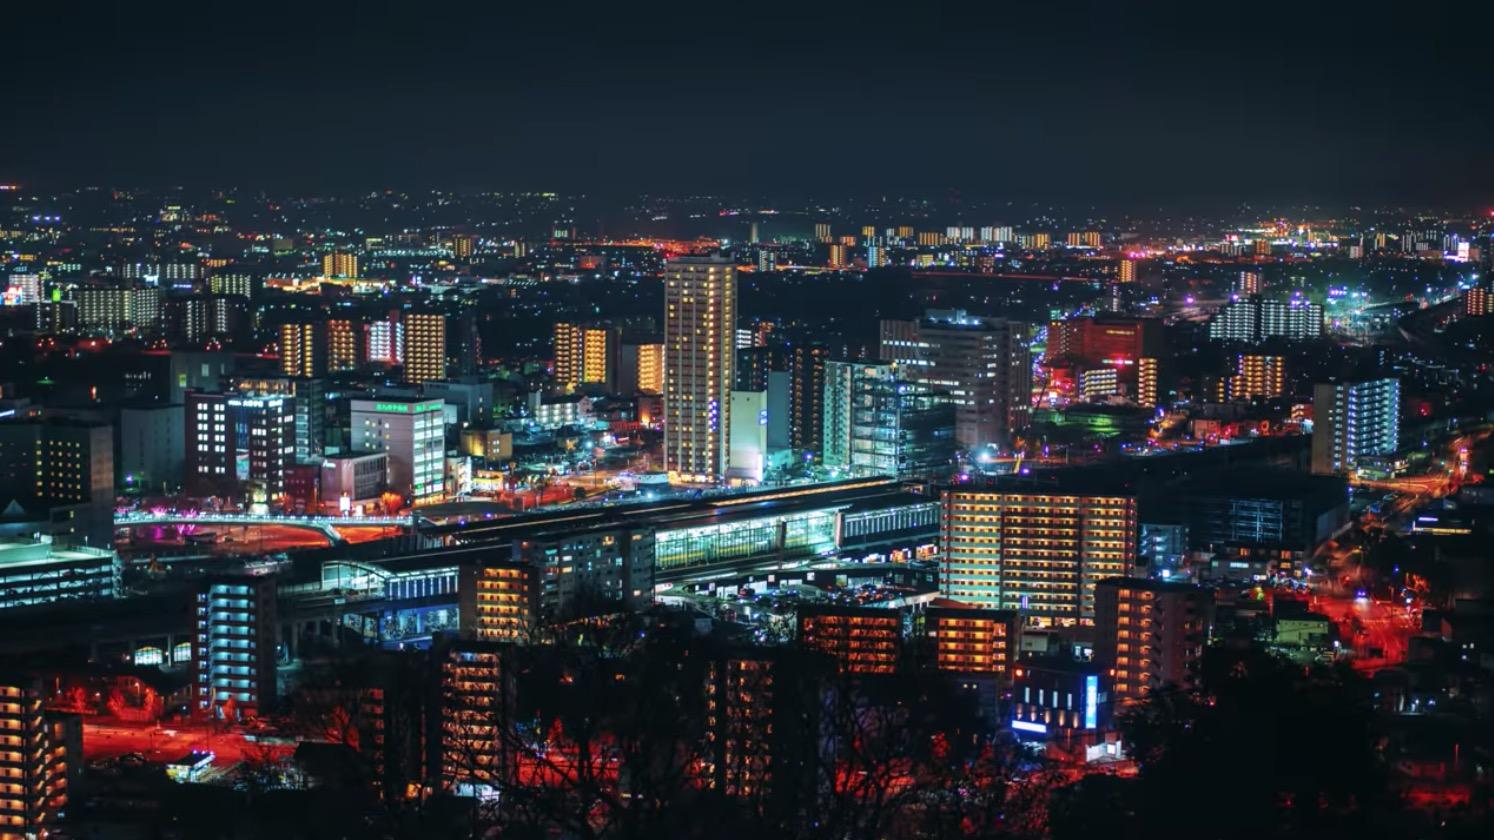 花岡山に行ってきたよ。仏舎利塔と夜景ば見に行かんね?